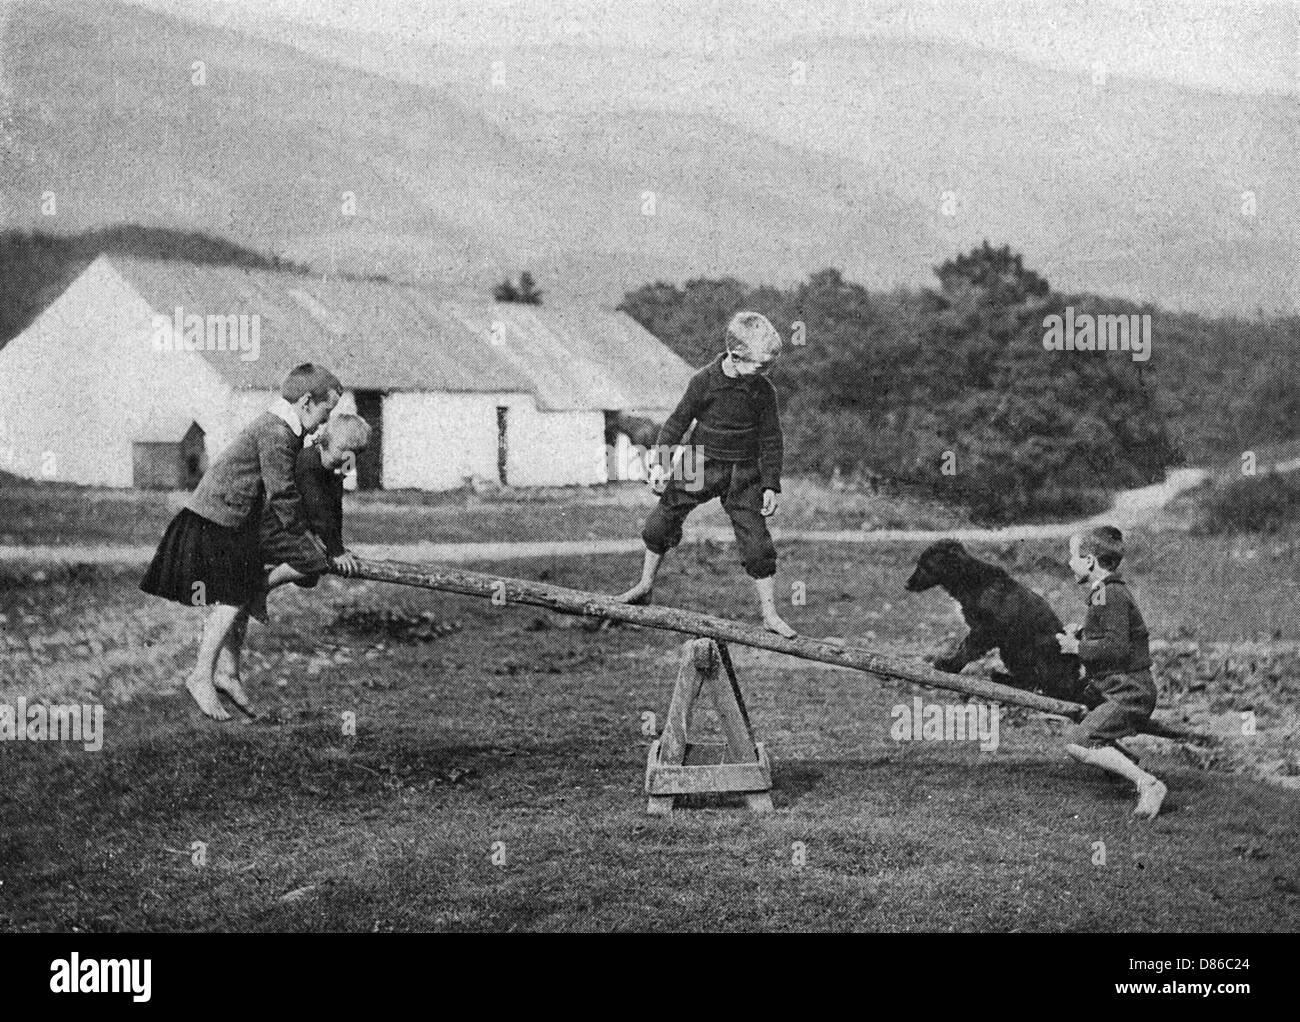 Los niños y un perro jugar en un balancín Imagen De Stock